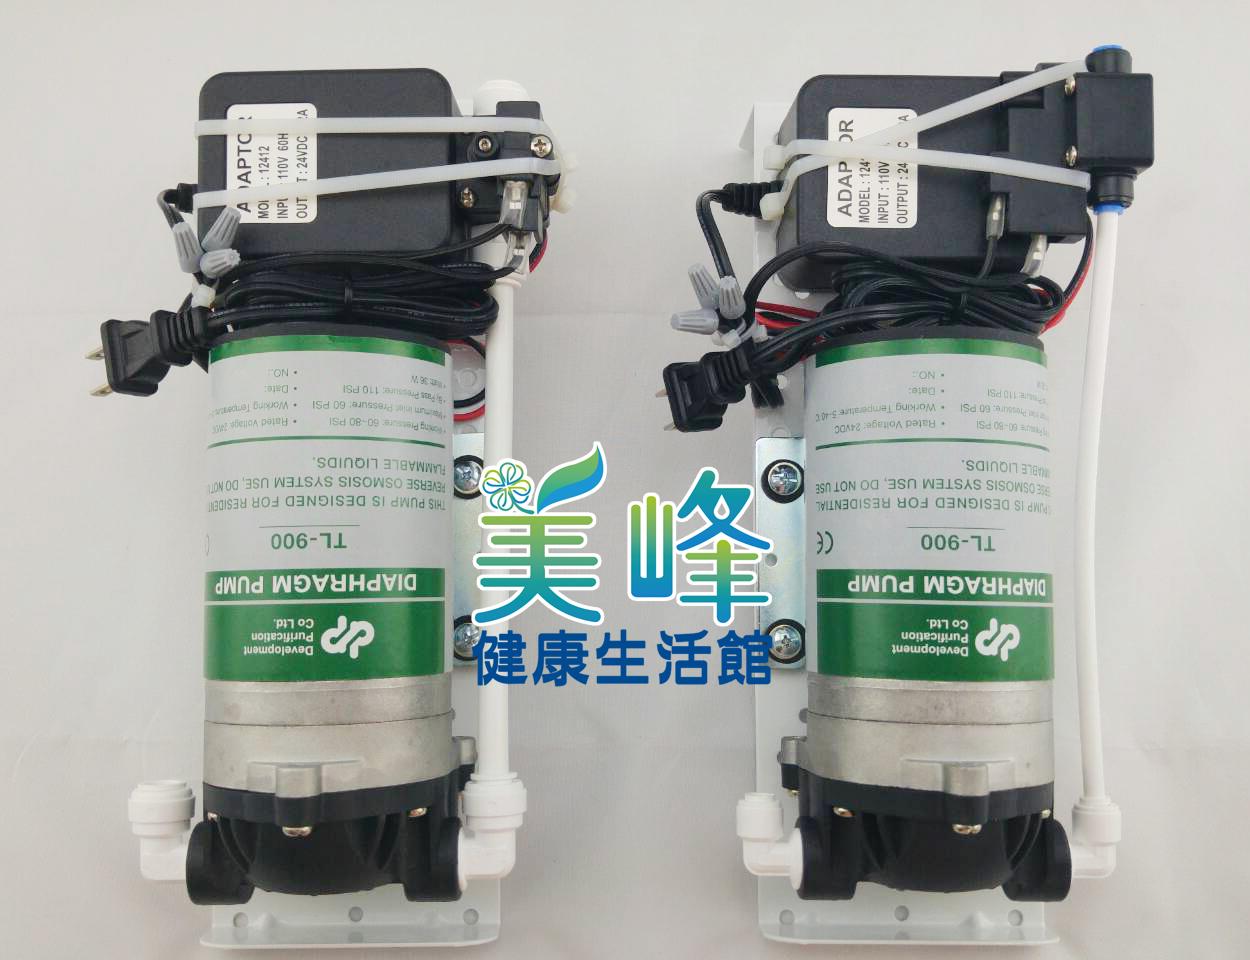 加壓馬達水壓增壓器淨水器加壓器水增加動力組合3分規格1550元